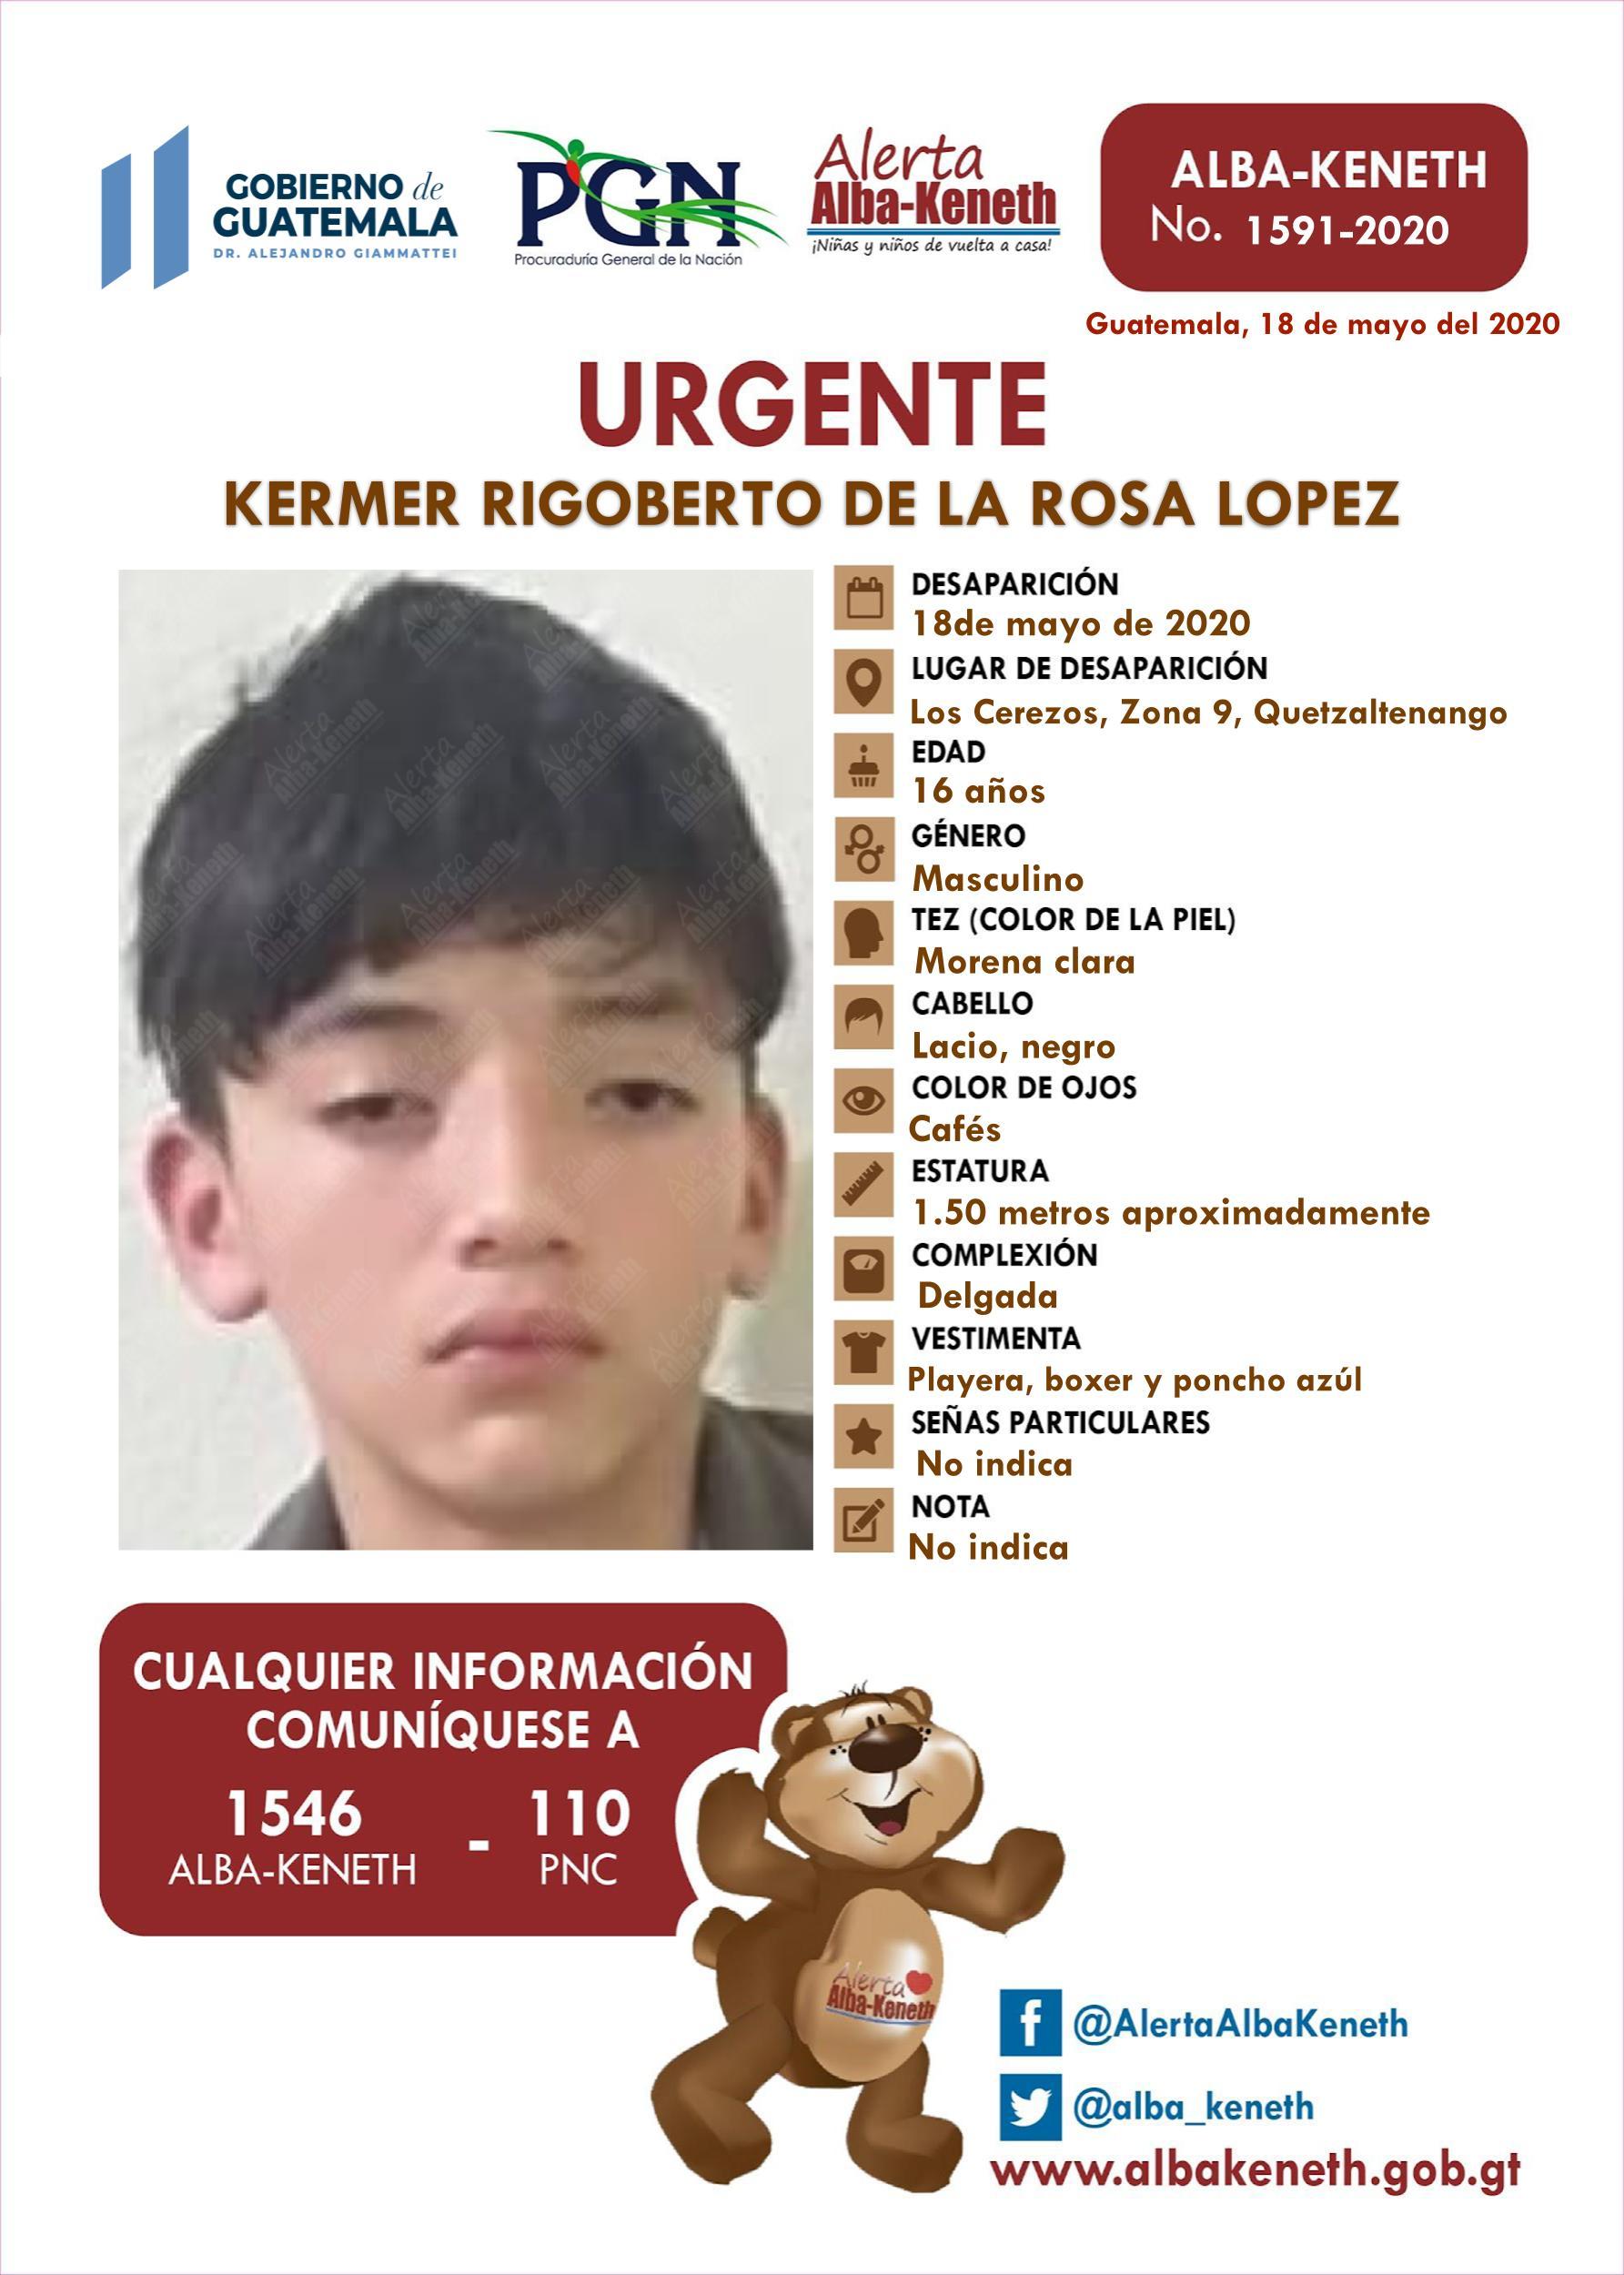 Kermer Rigoberto de la Rosa Lopez